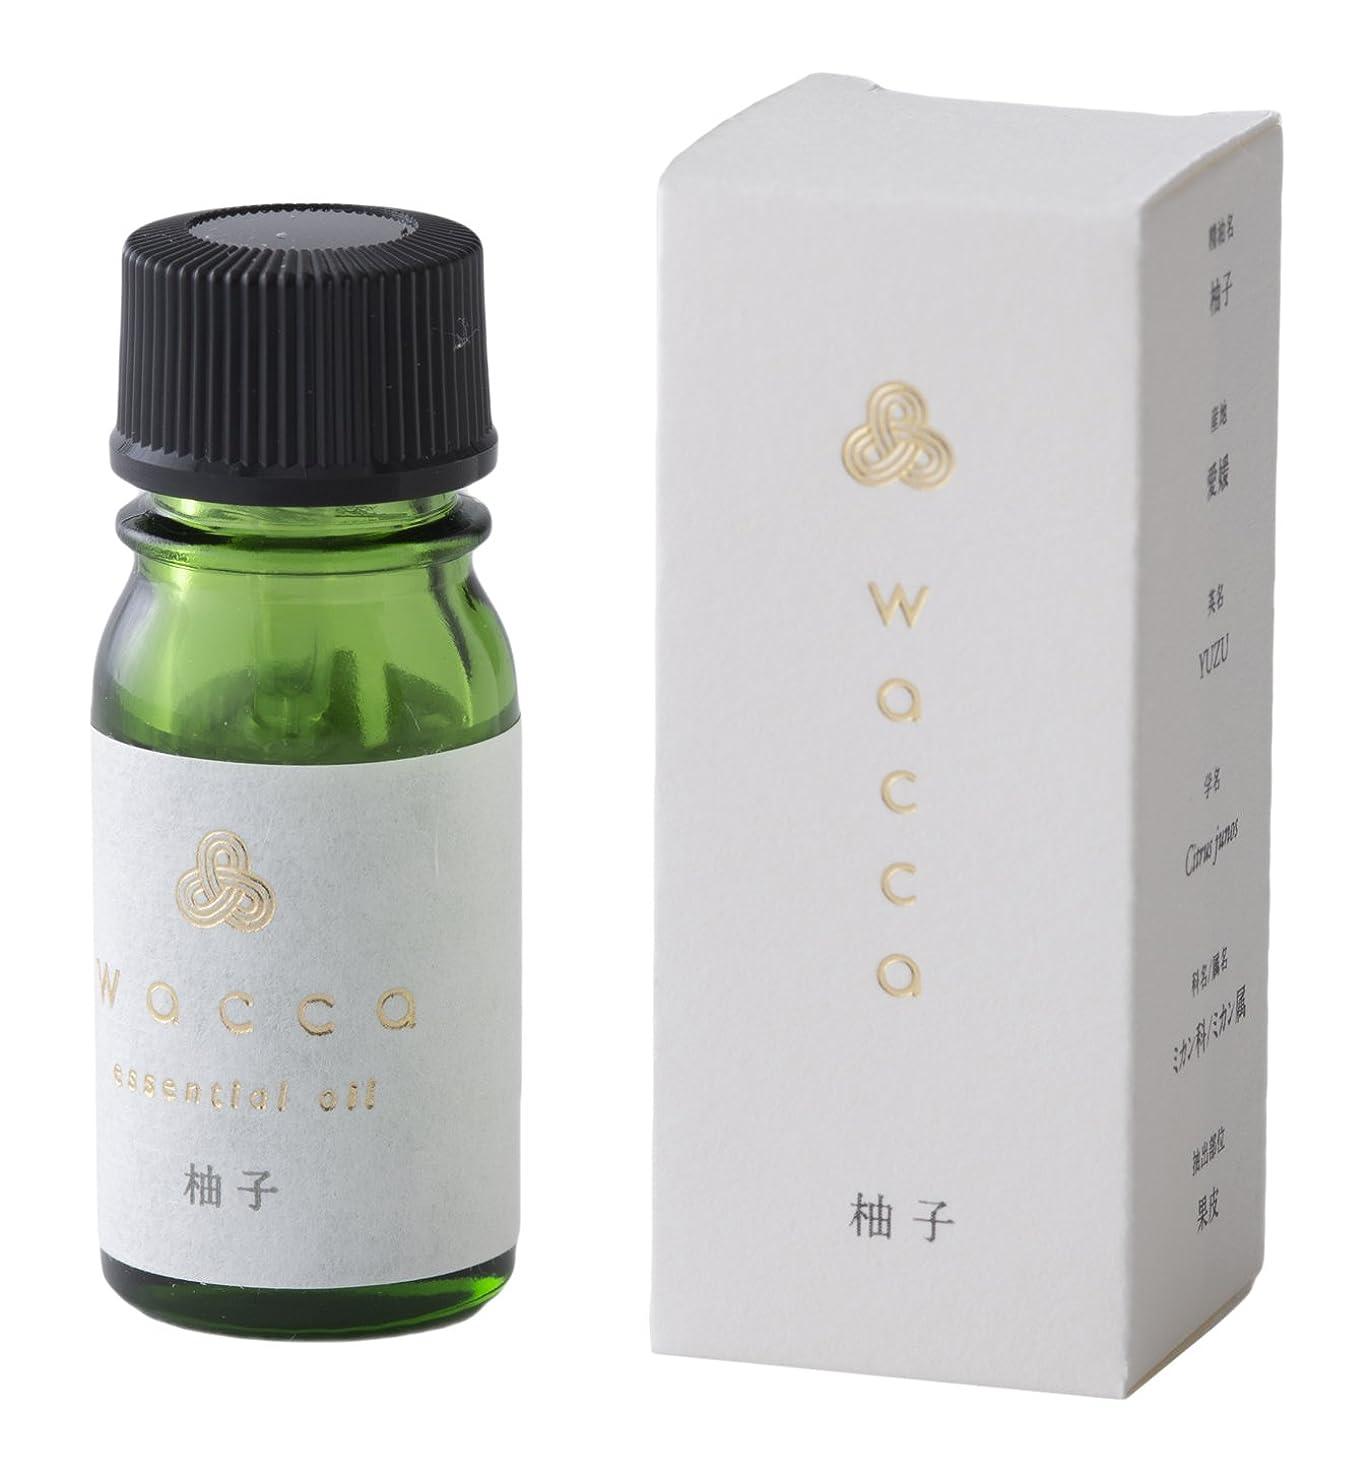 役立つパイプ正気wacca ワッカ エッセンシャルオイル 5ml 柚子 ユズ yuzu essential oil 和精油 KUSU HANDMADE